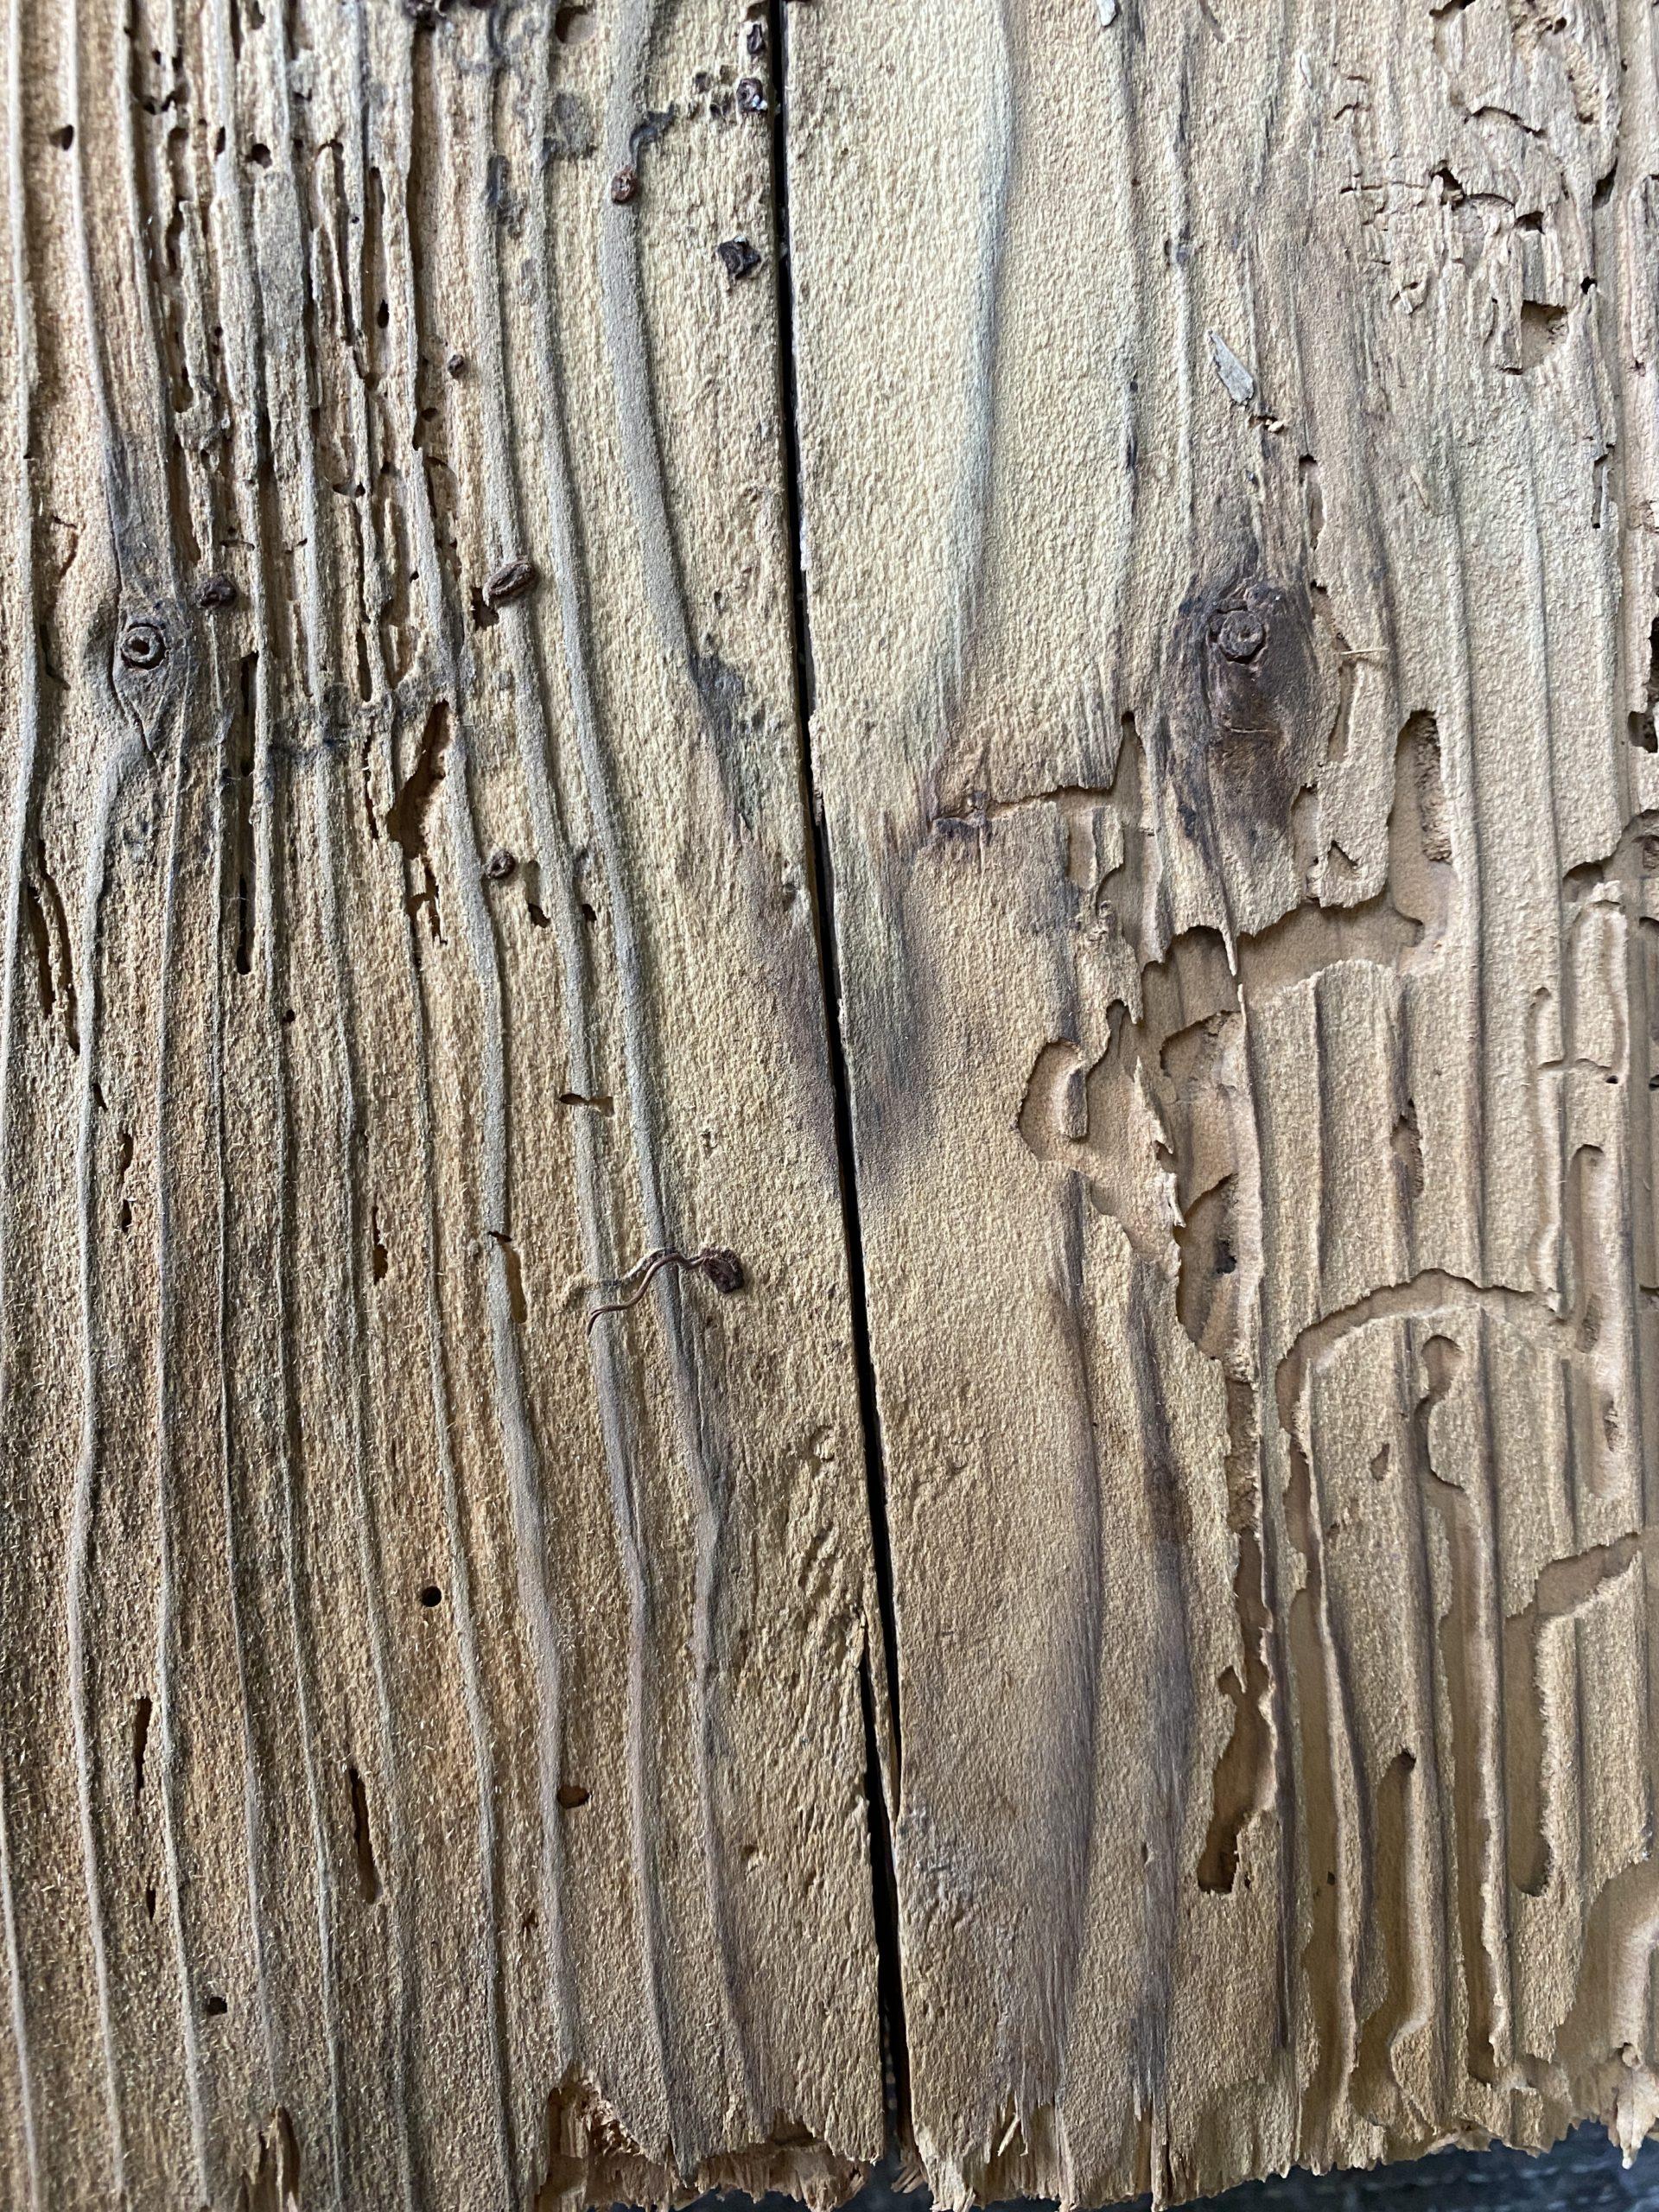 Le bois est nettoyé en surface